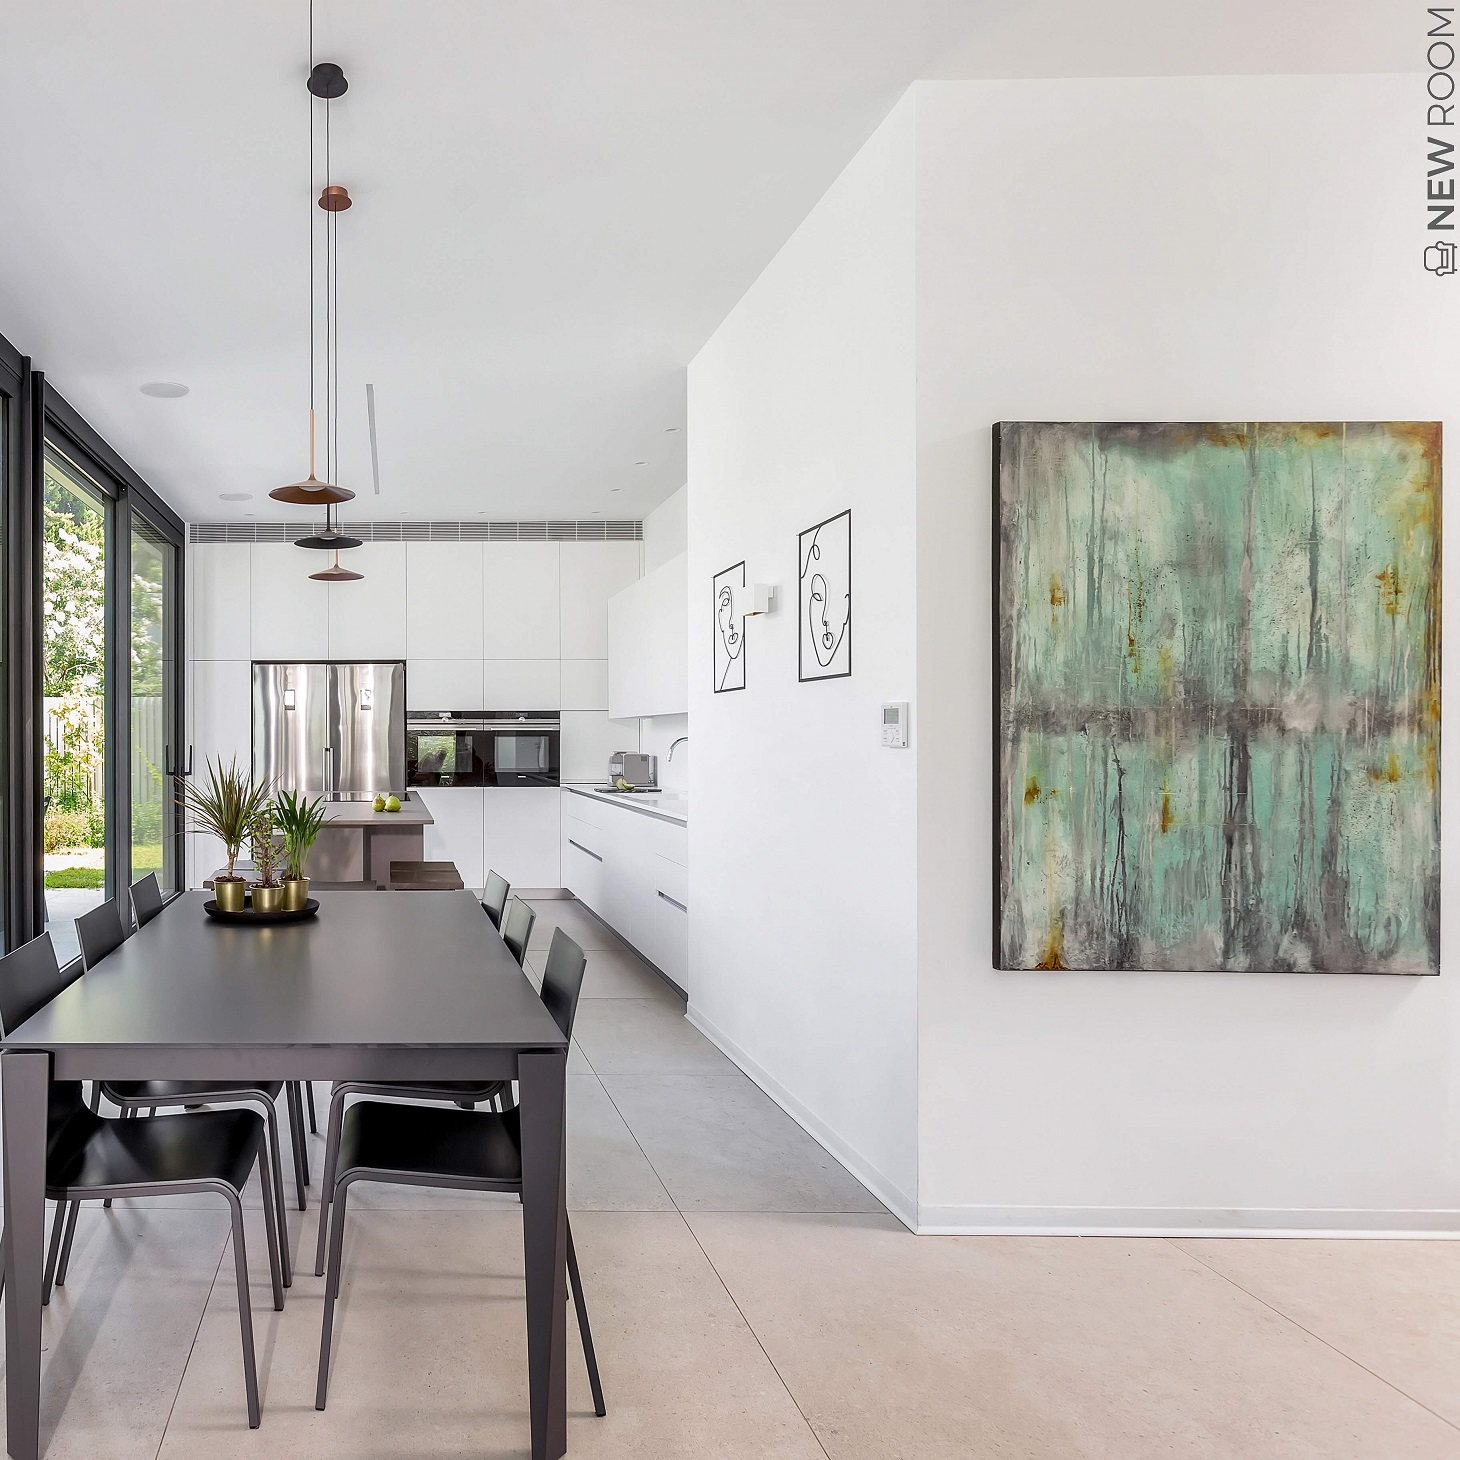 בית פרטי ברמת השרון - פרויקט של המעצבות יפית ומלי, צילמת: סוזי לוינסון